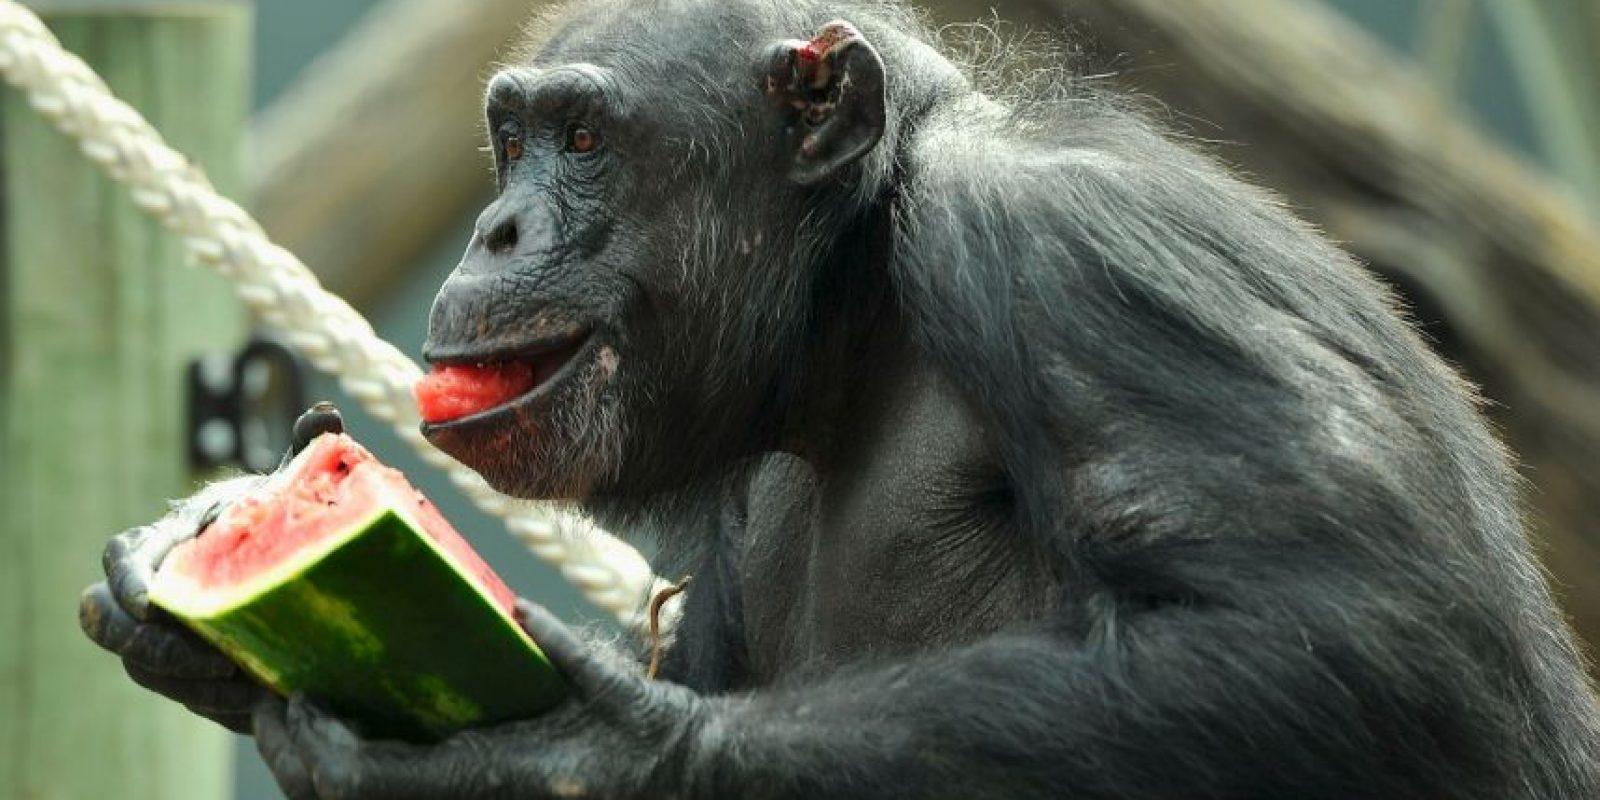 Su dieta es sumamente variada e incluye cientos de alimentos conocidos. Foto:Getty Images